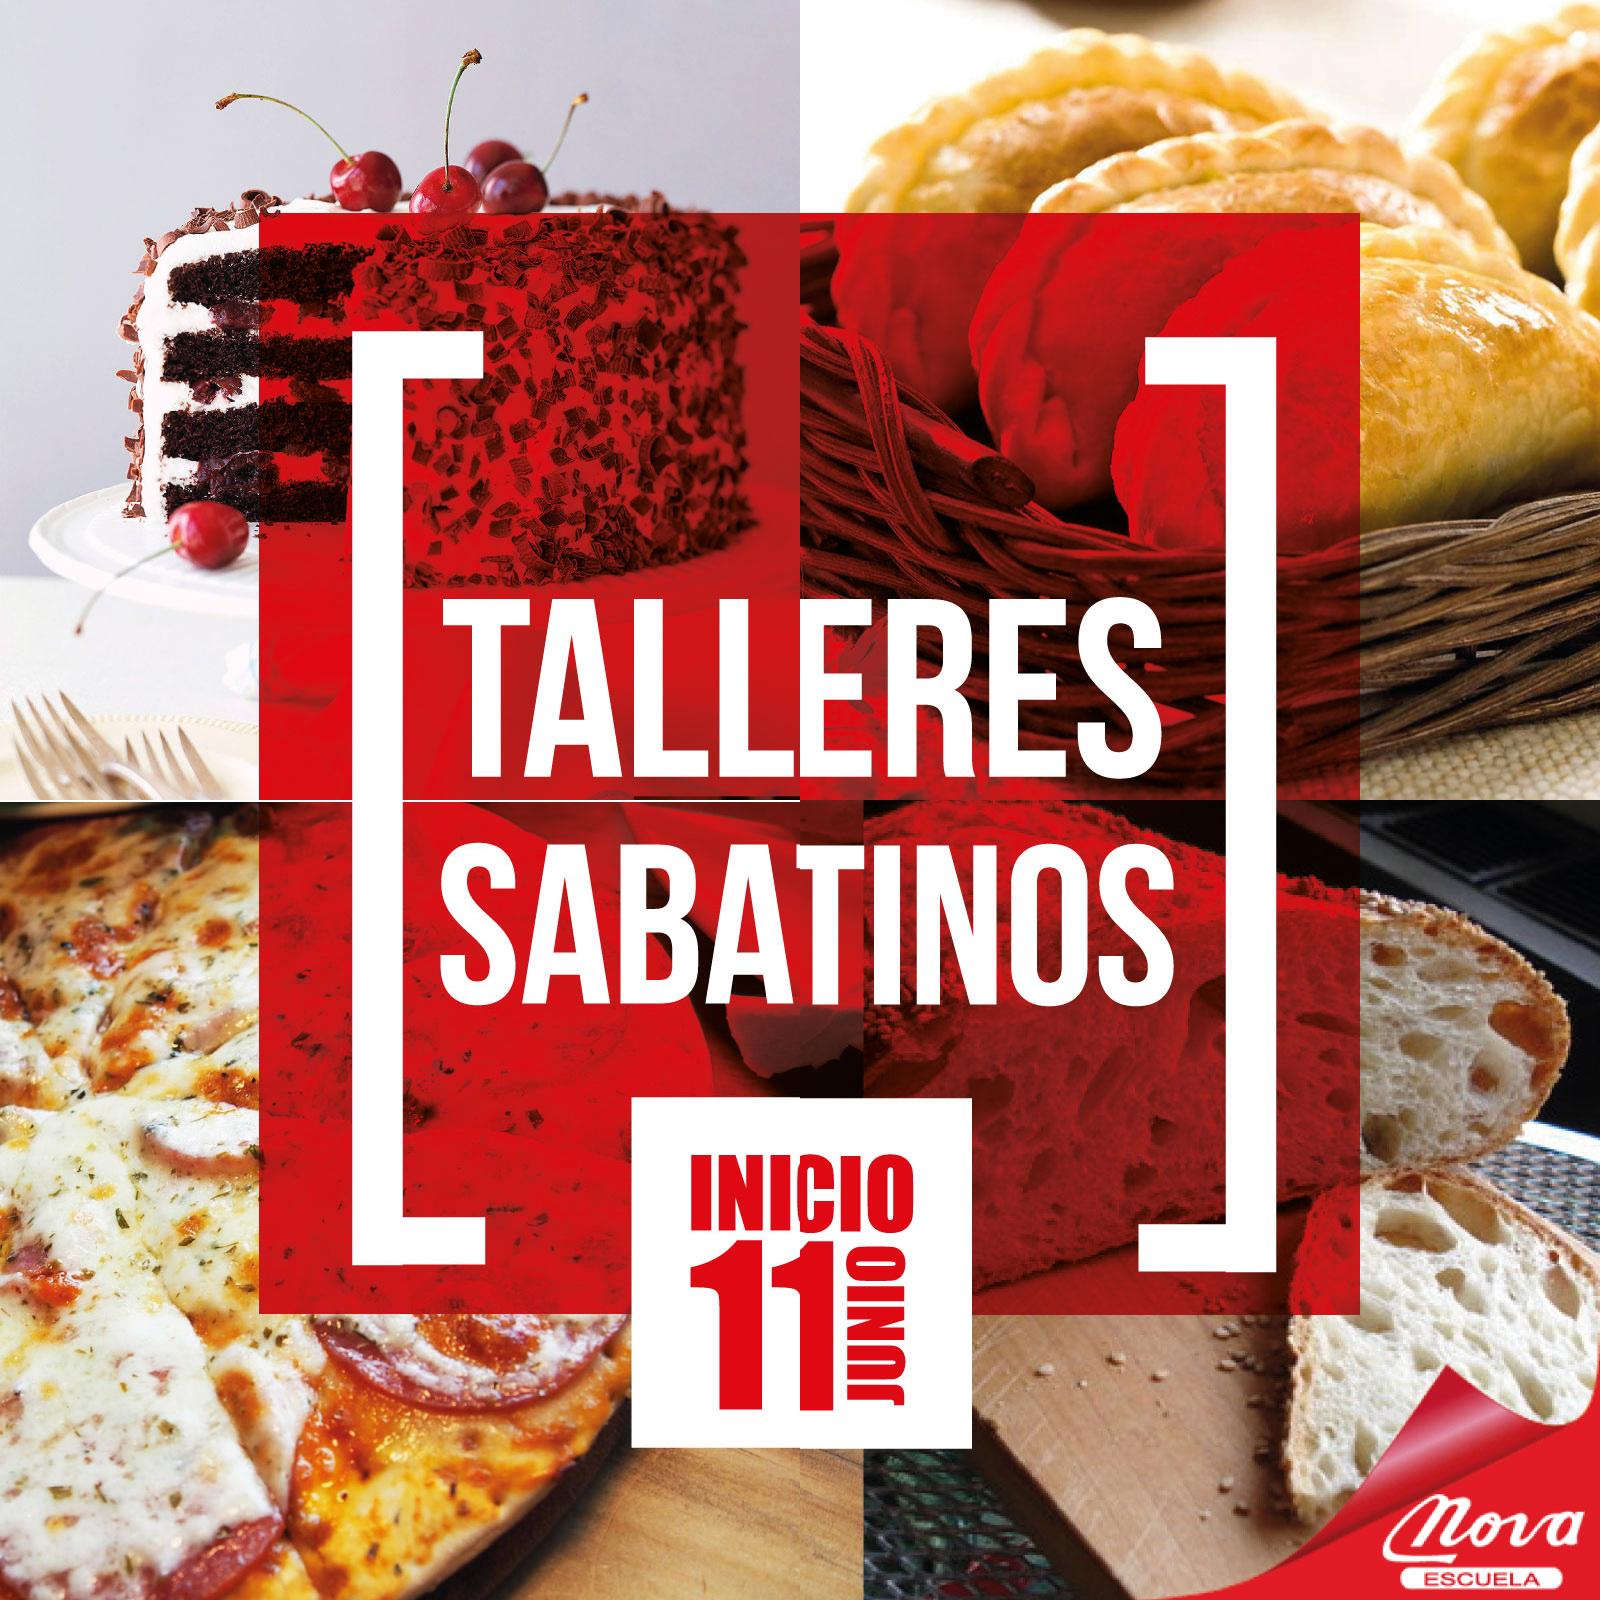 talleres-sabatinos-junio-2016-escuela-nova